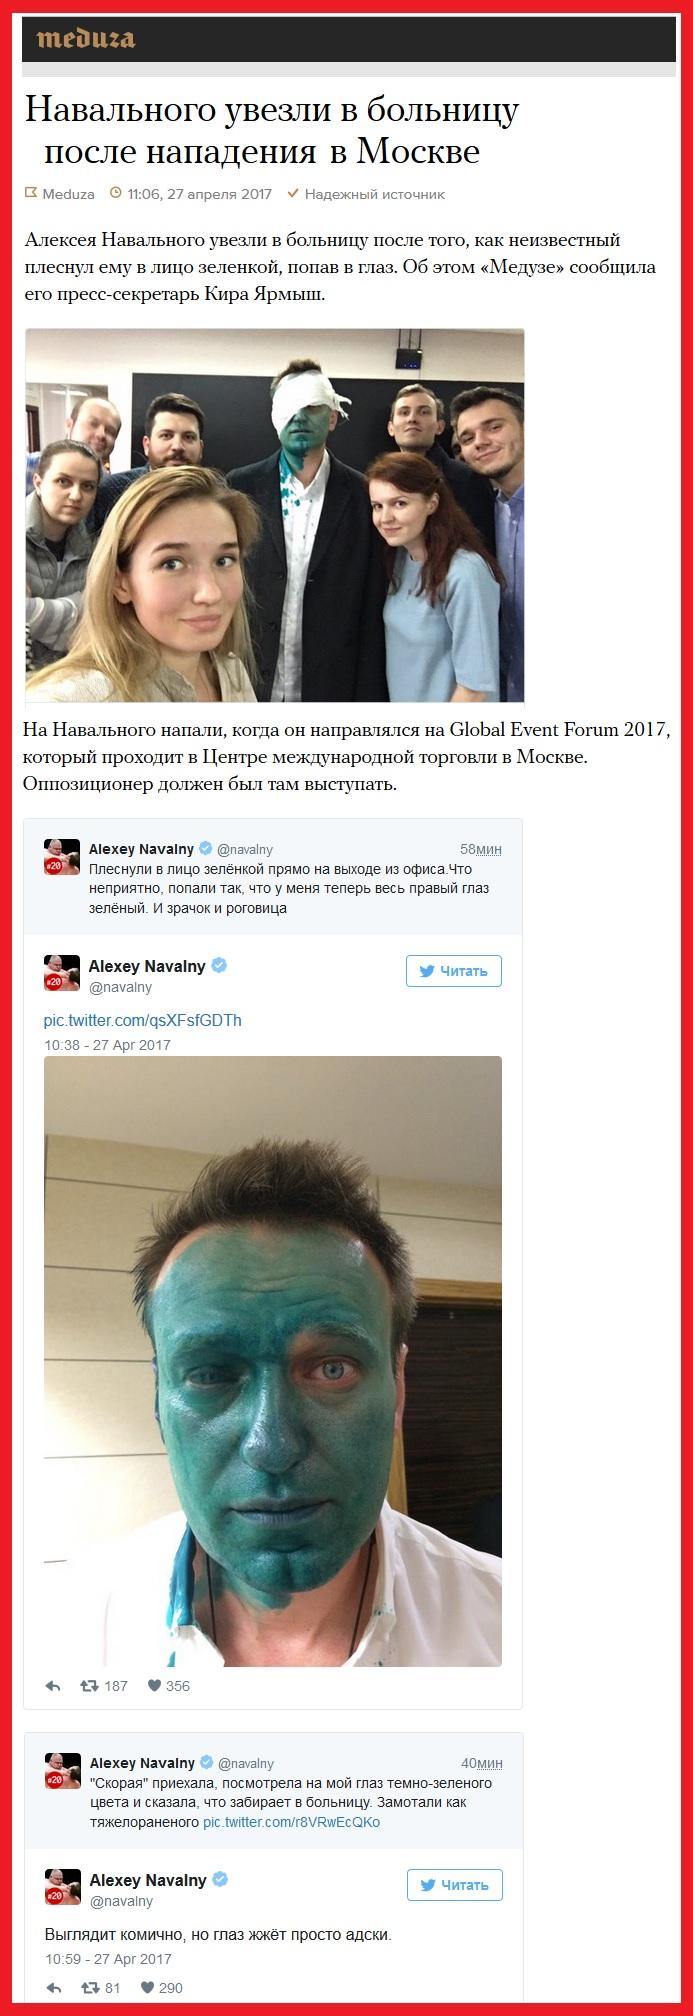 Нападение на Навального 27 апреля 2017